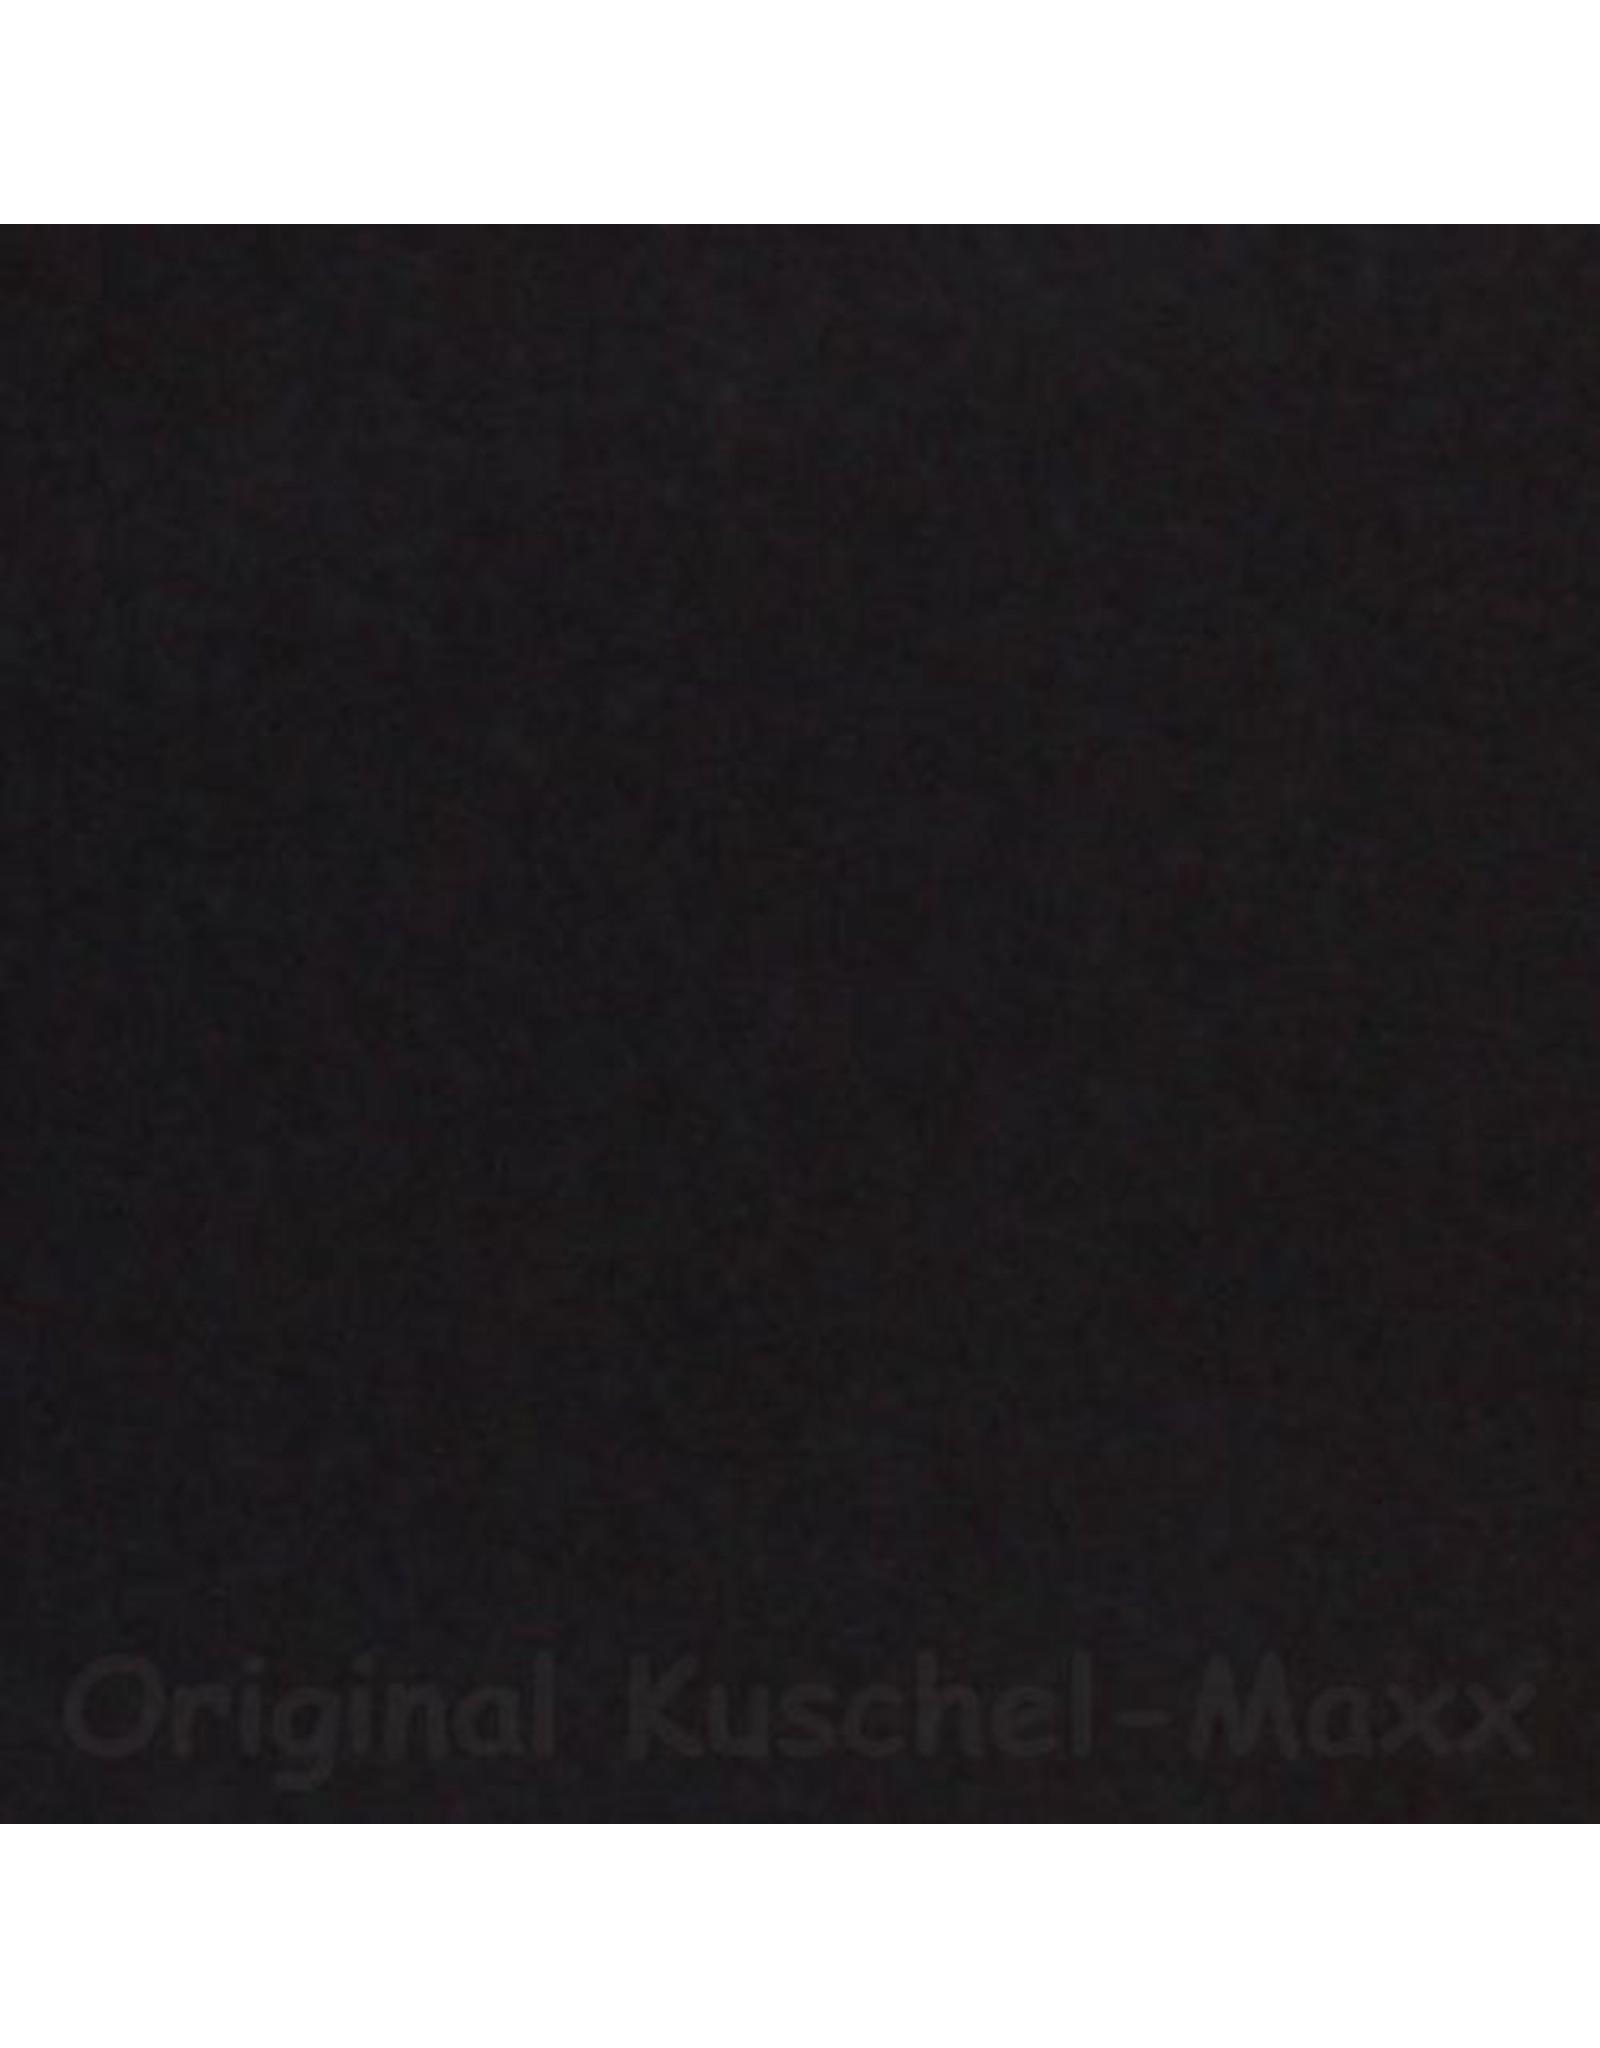 Kuschel-Maxx Kuschel-Maxx - Black L